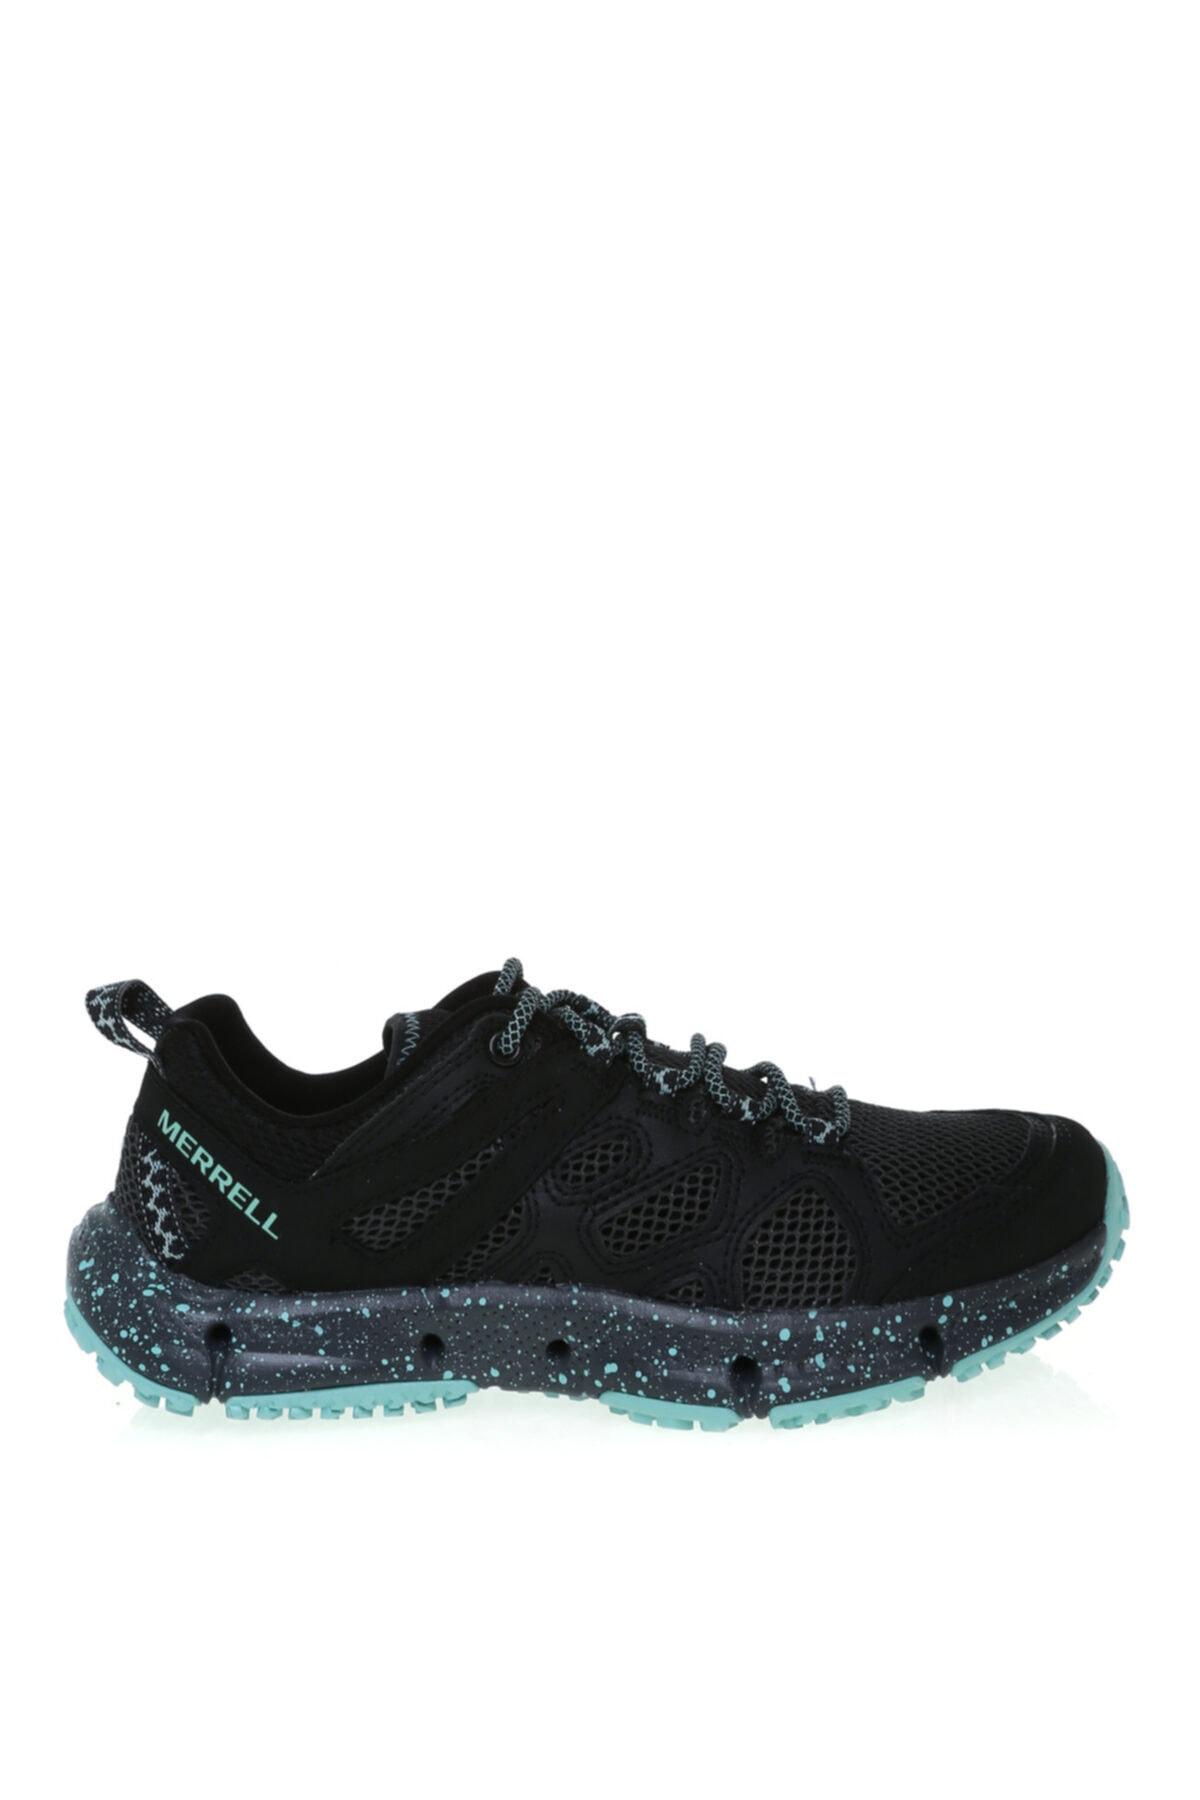 Outdoor Ayakkabısı, 37, Siyah